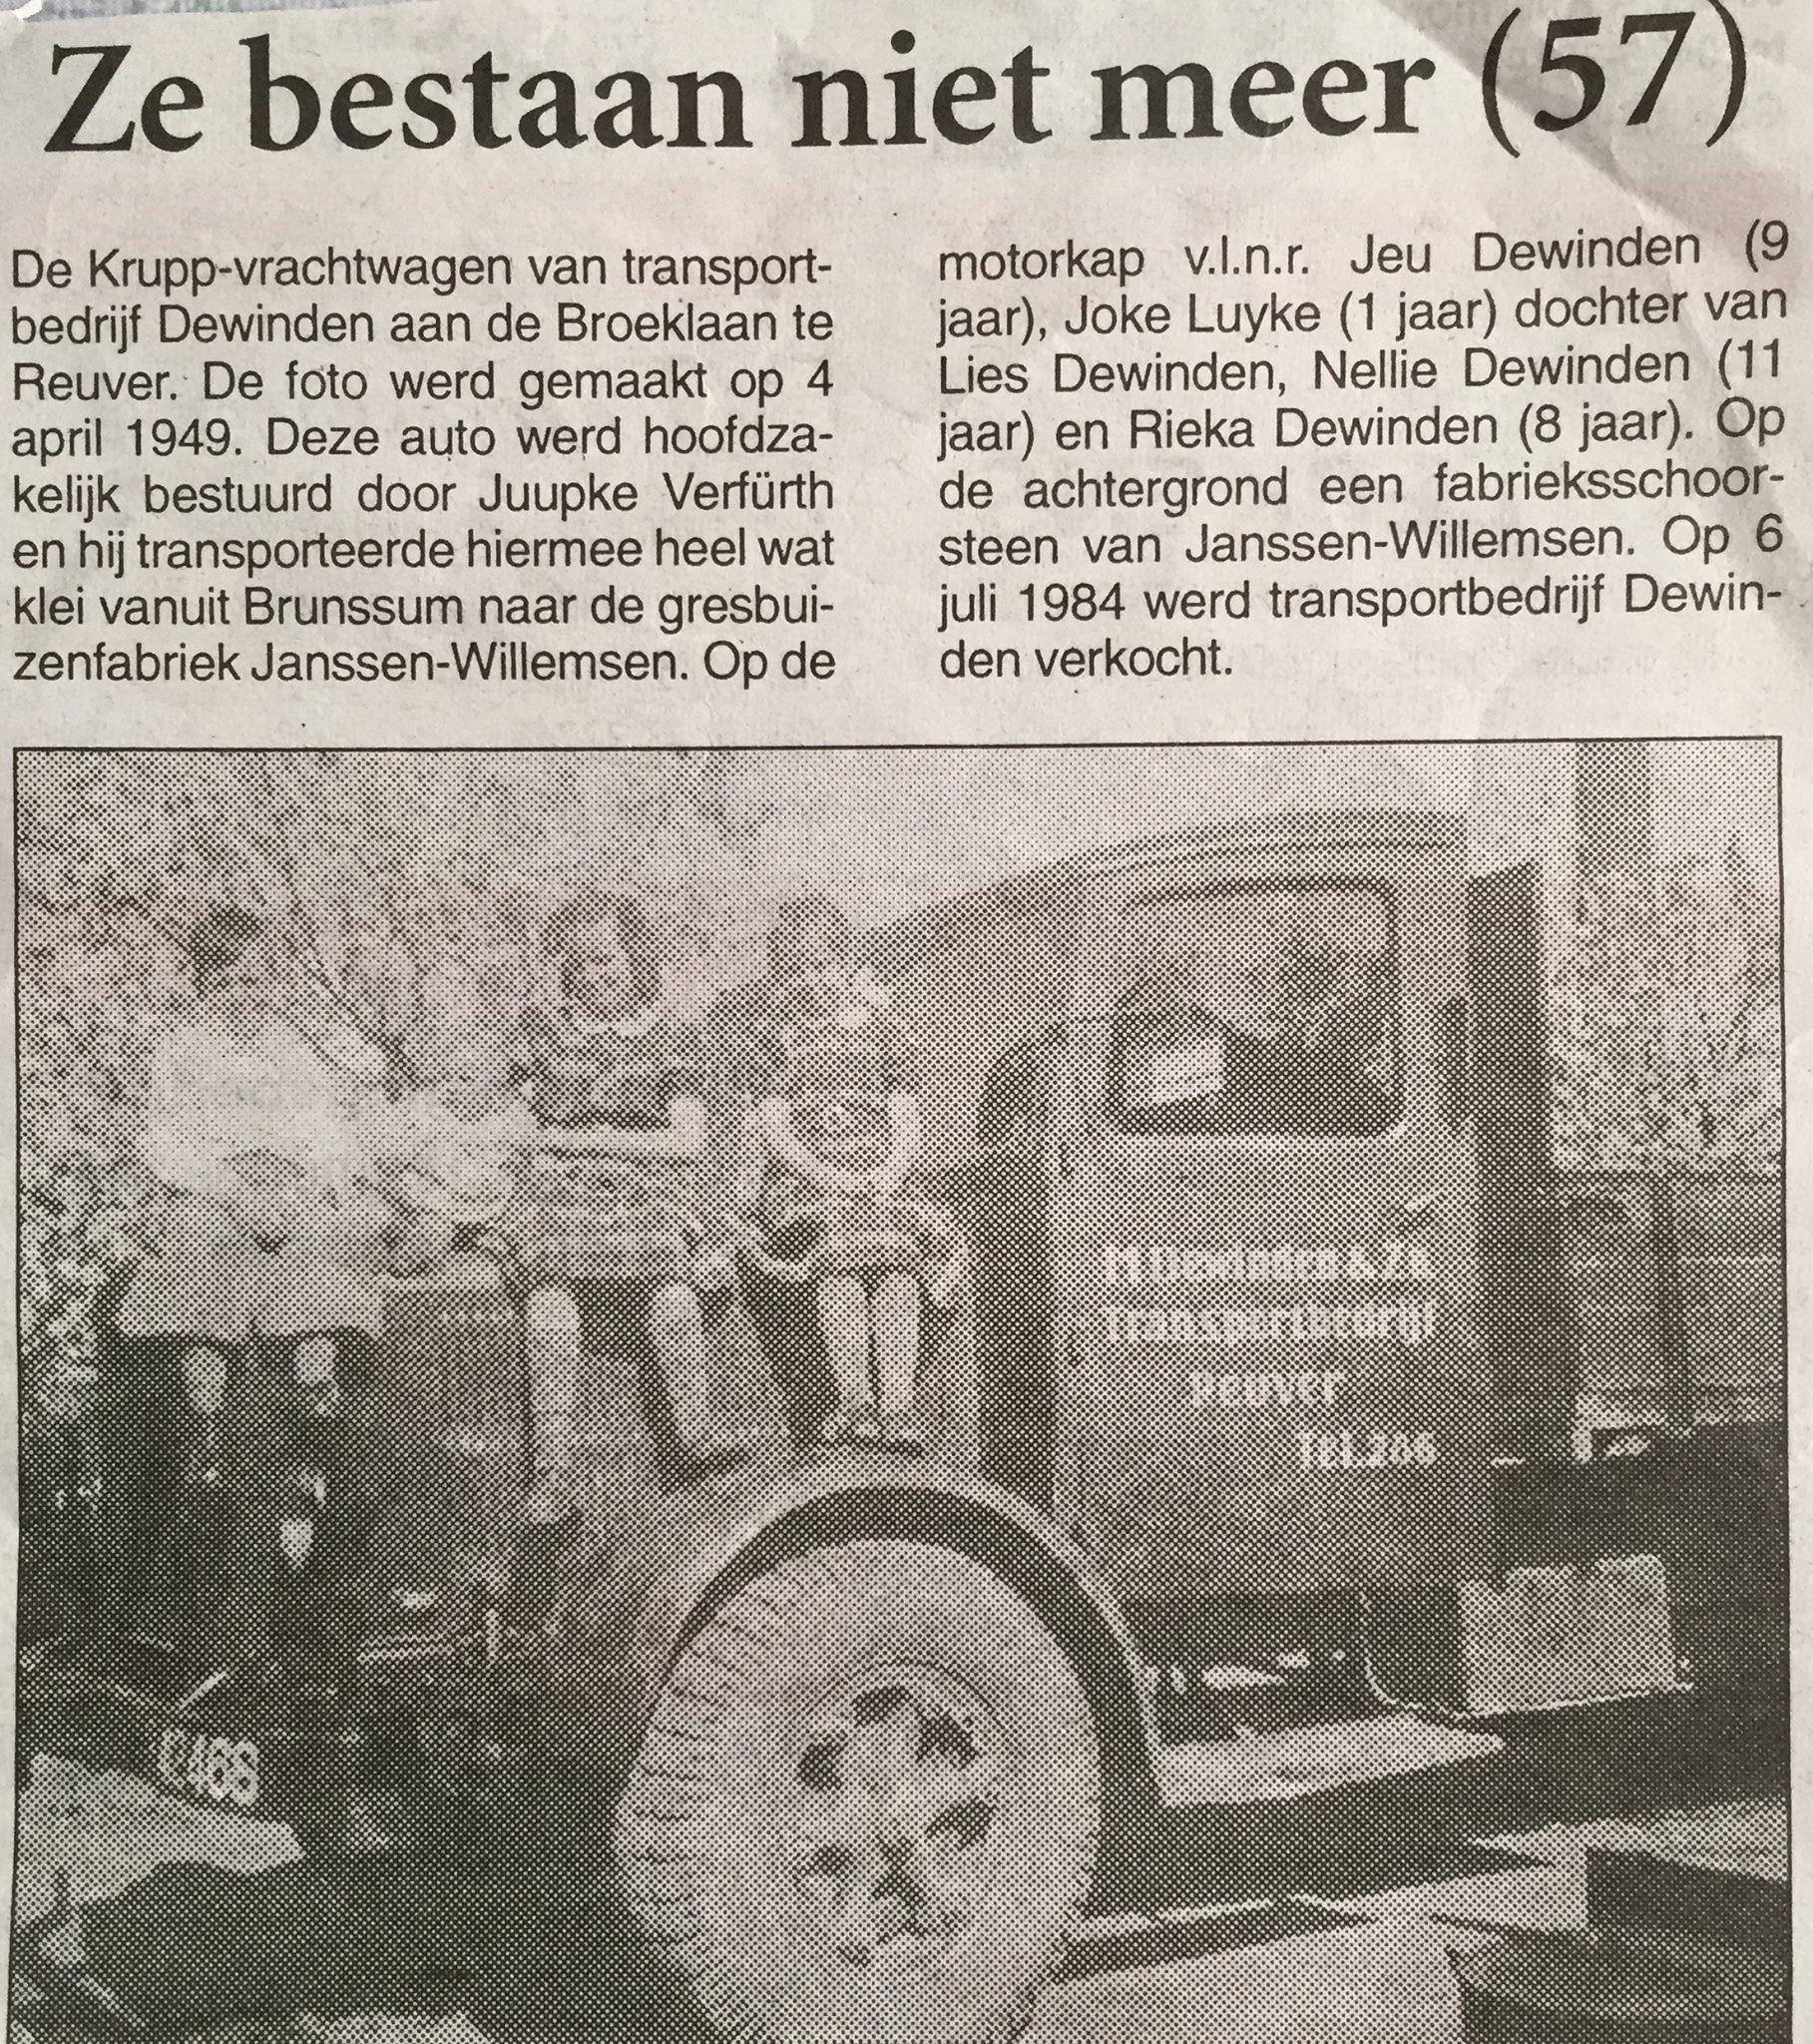 z-1984-einde-Dewinden-Reuver-